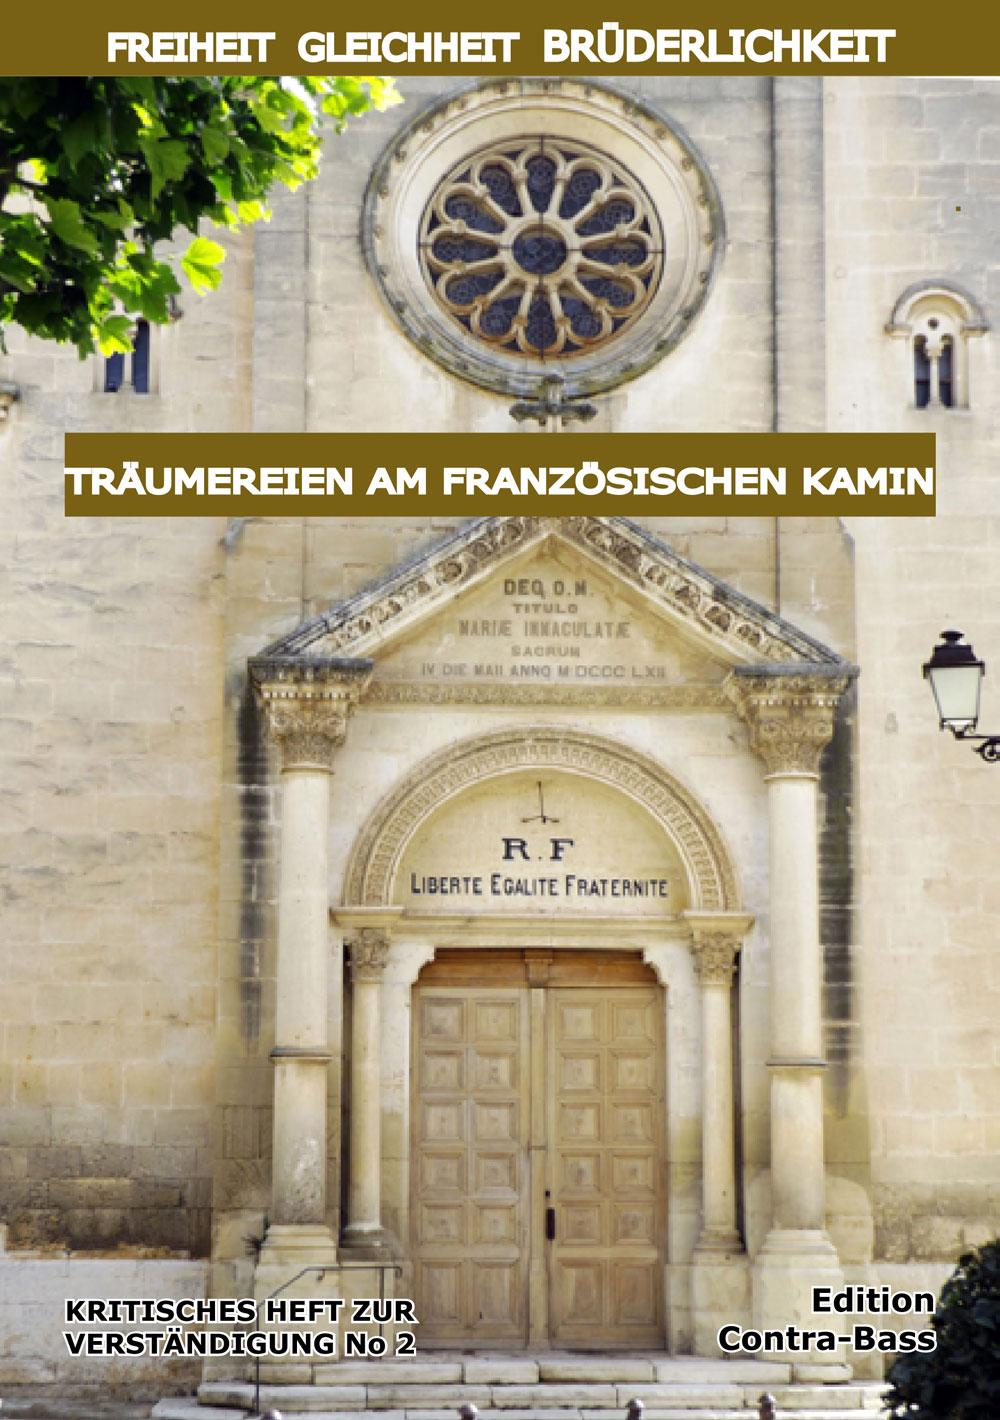 Freiheit, Gleichheit, Brüderlichkeit – Träumereien am französischen Kamin,  Culture & Contact, Contra Bass, Verlag